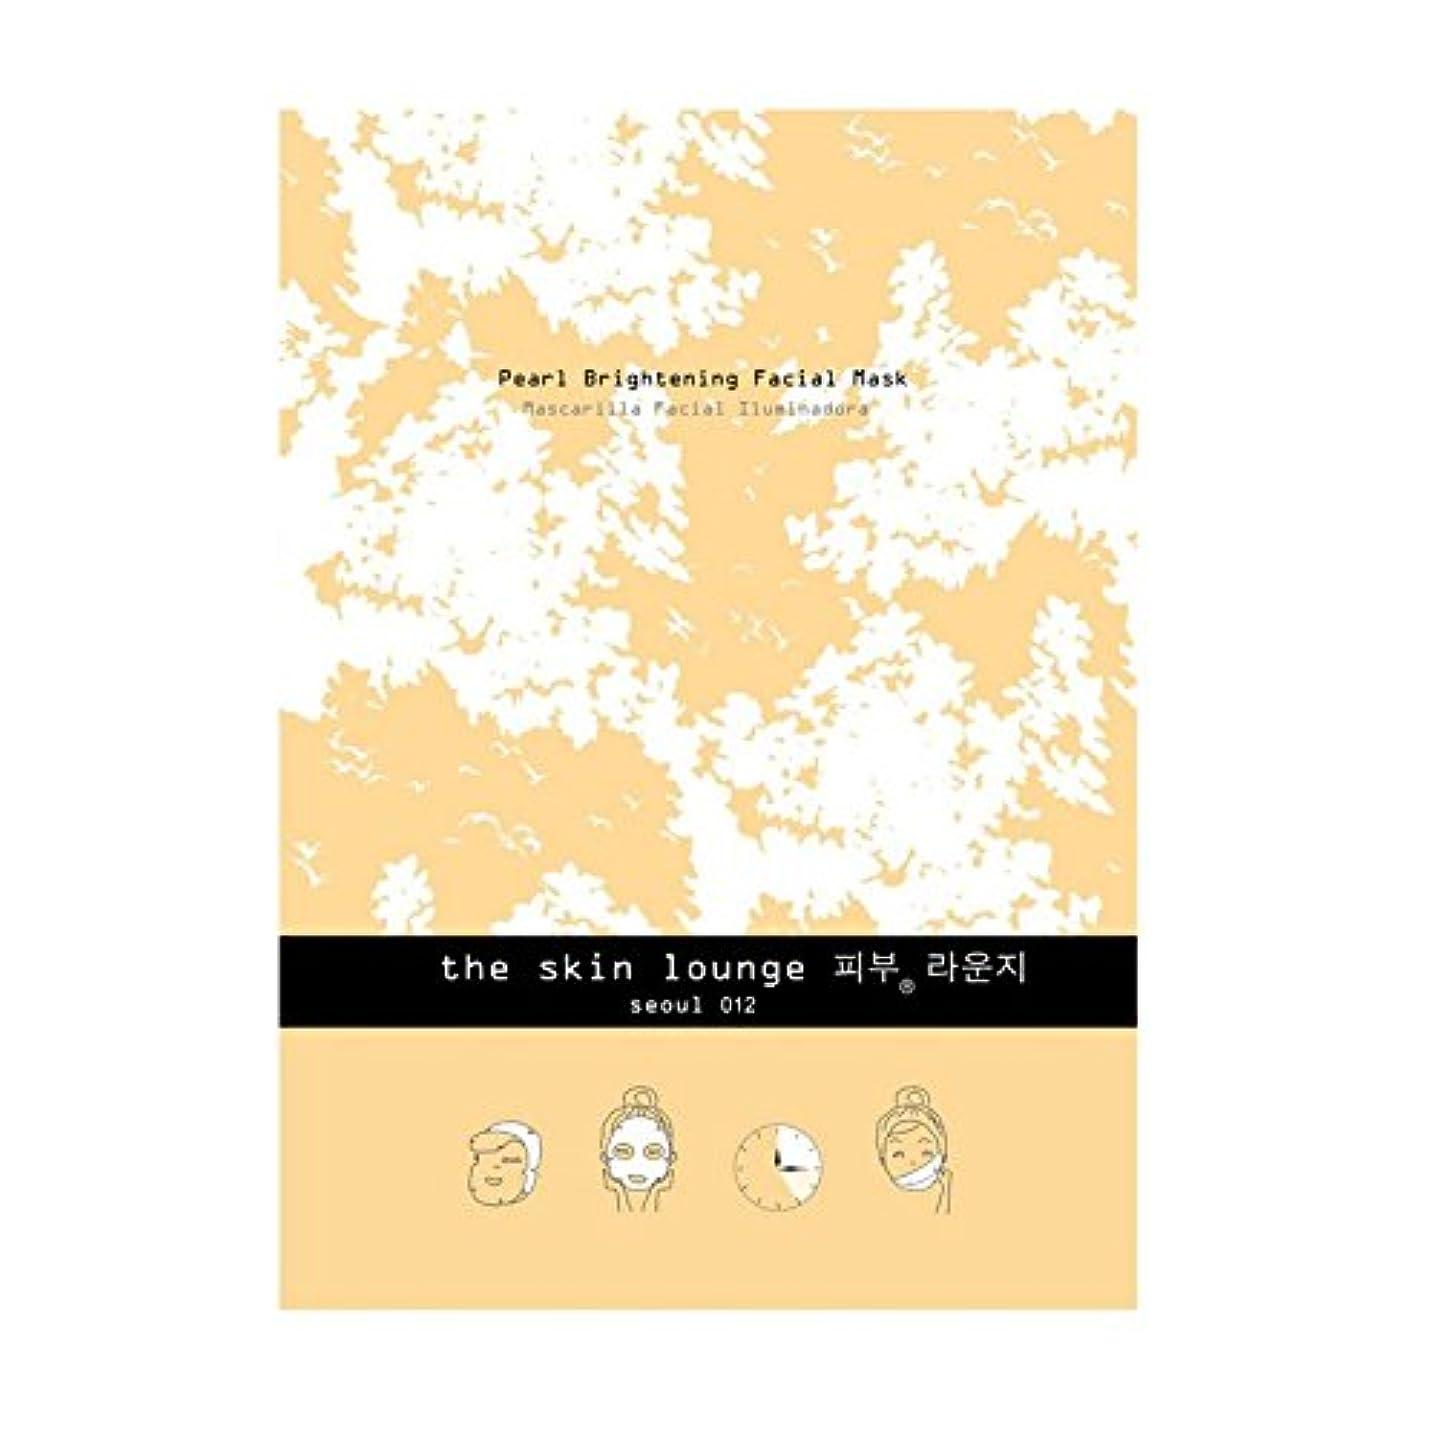 失う閉じるオーブン単一セルロースマスクを明るく皮膚ラウンジ真珠 x2 - The Skin Lounge Pearl Brightening Single Cellulose Mask (Pack of 2) [並行輸入品]